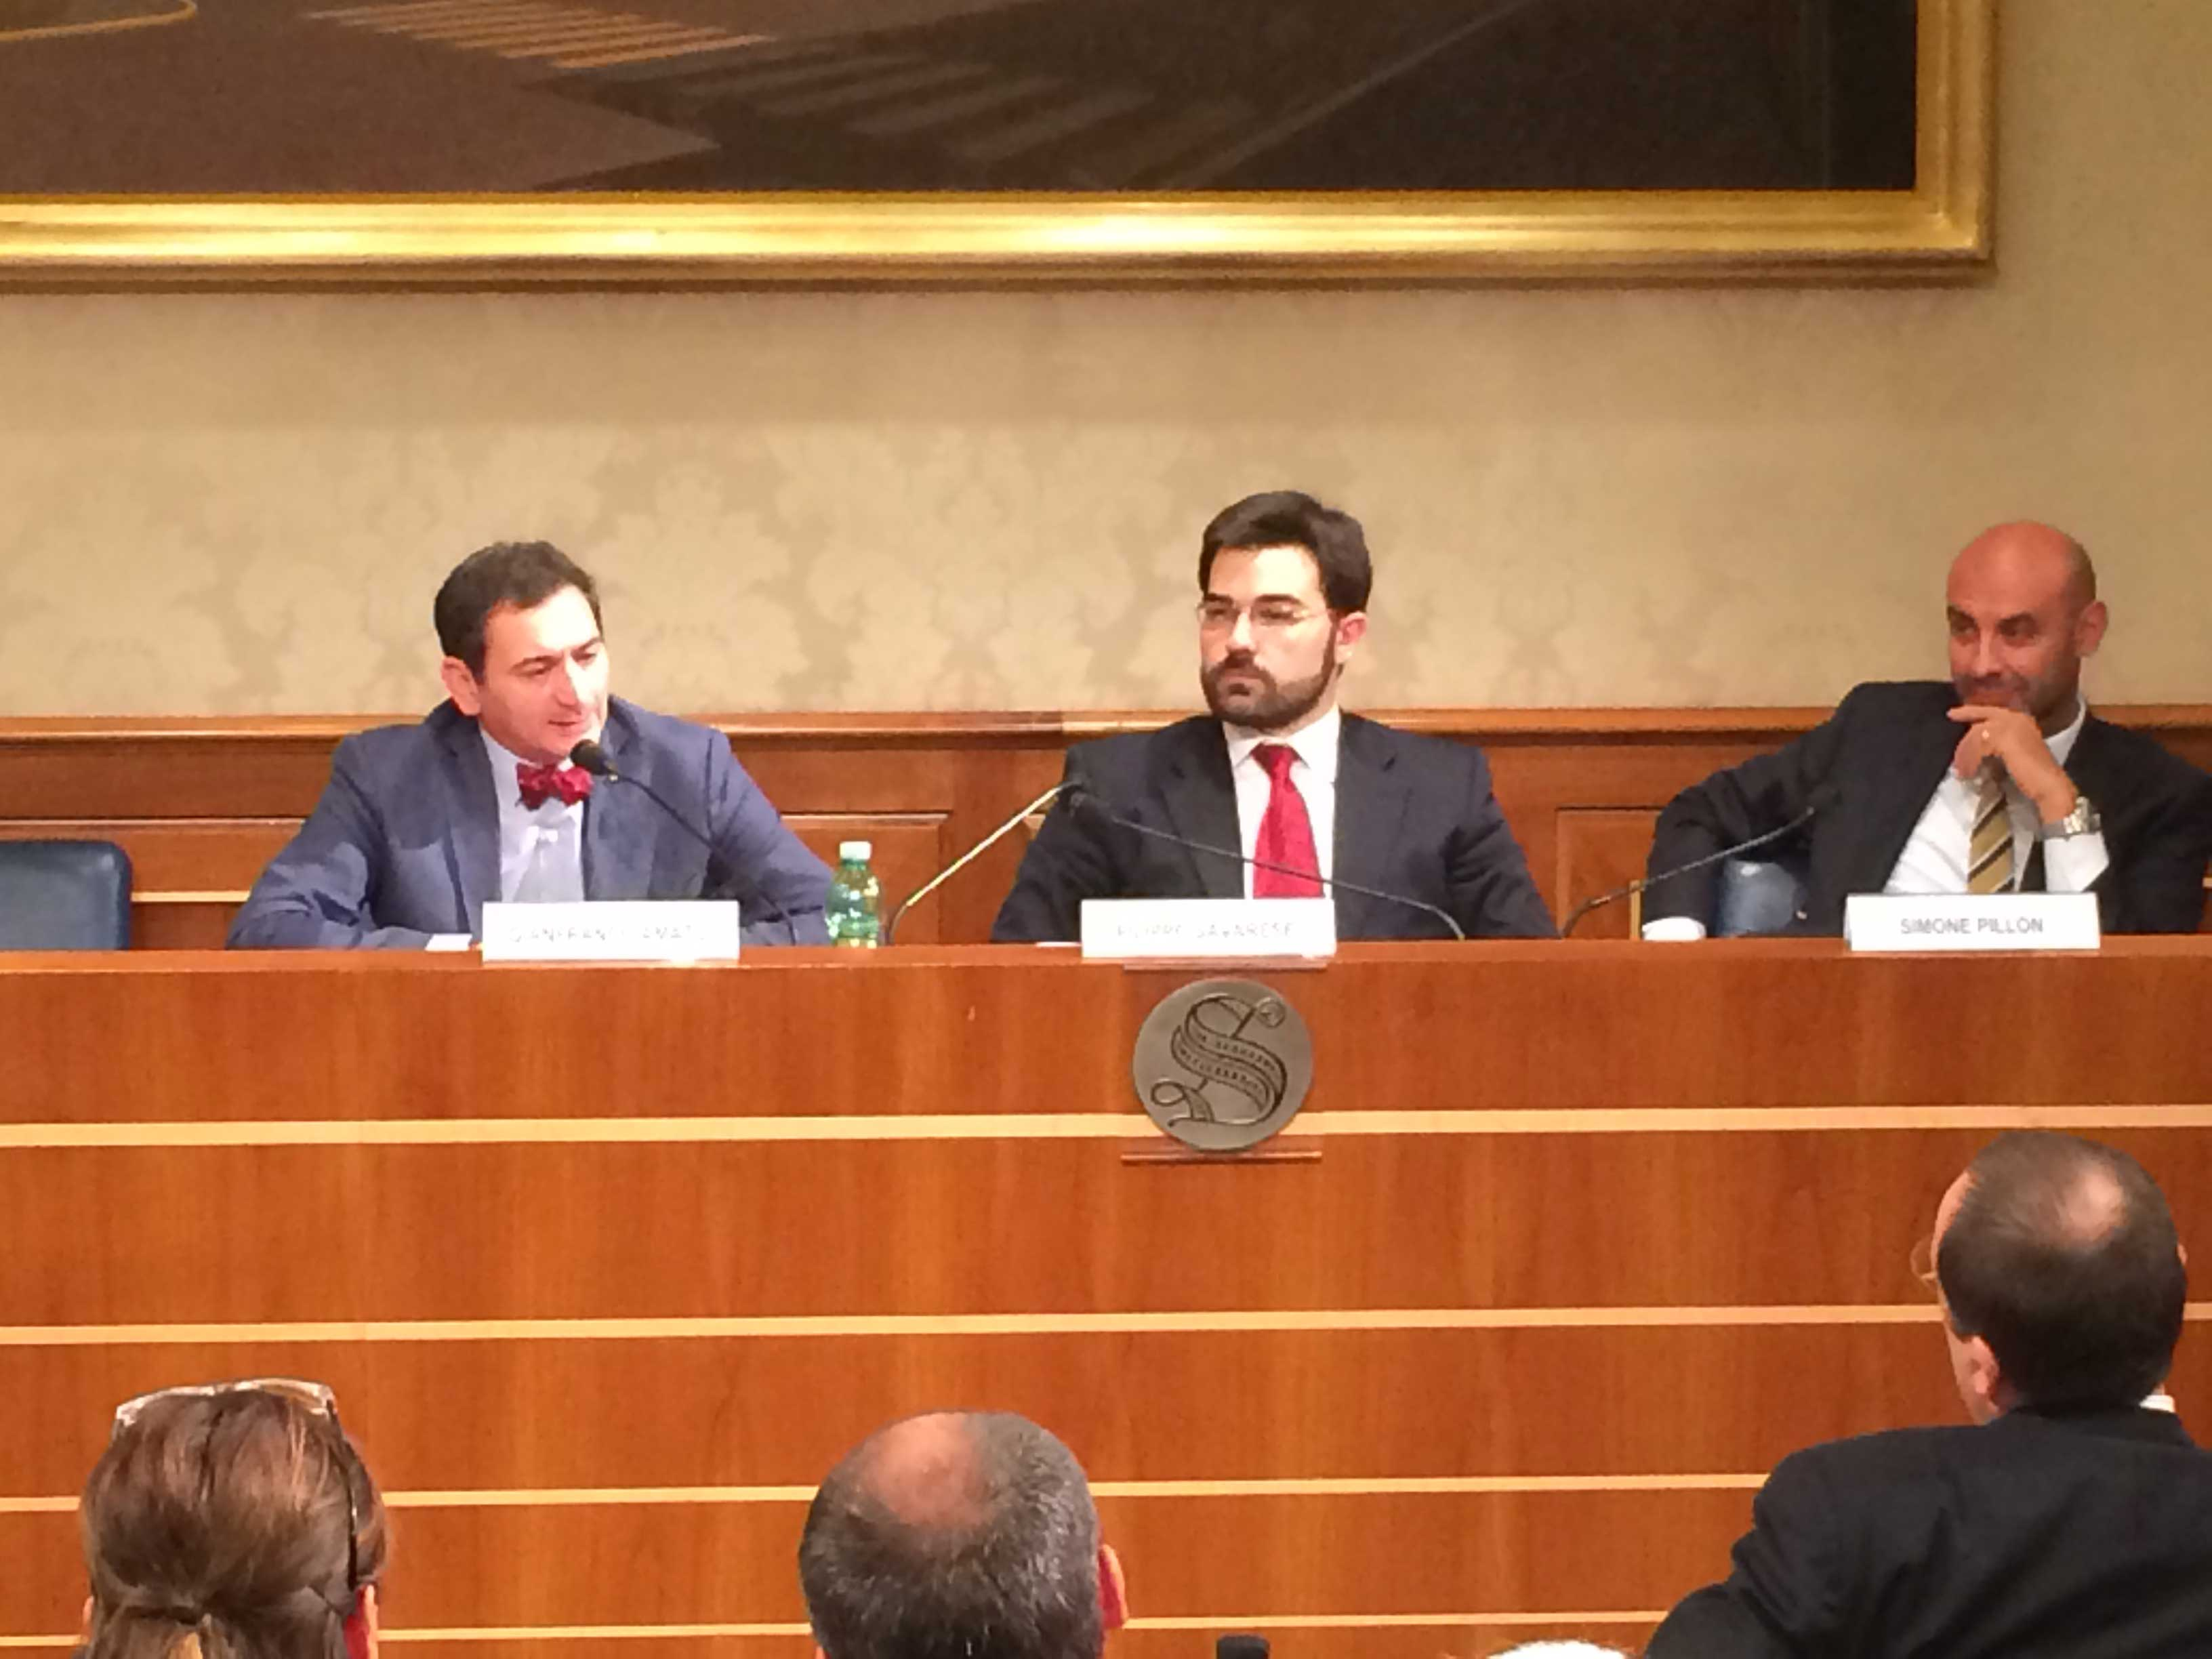 Matrimonio In Appello Streaming : La manif pour tous italia al senato no reato di